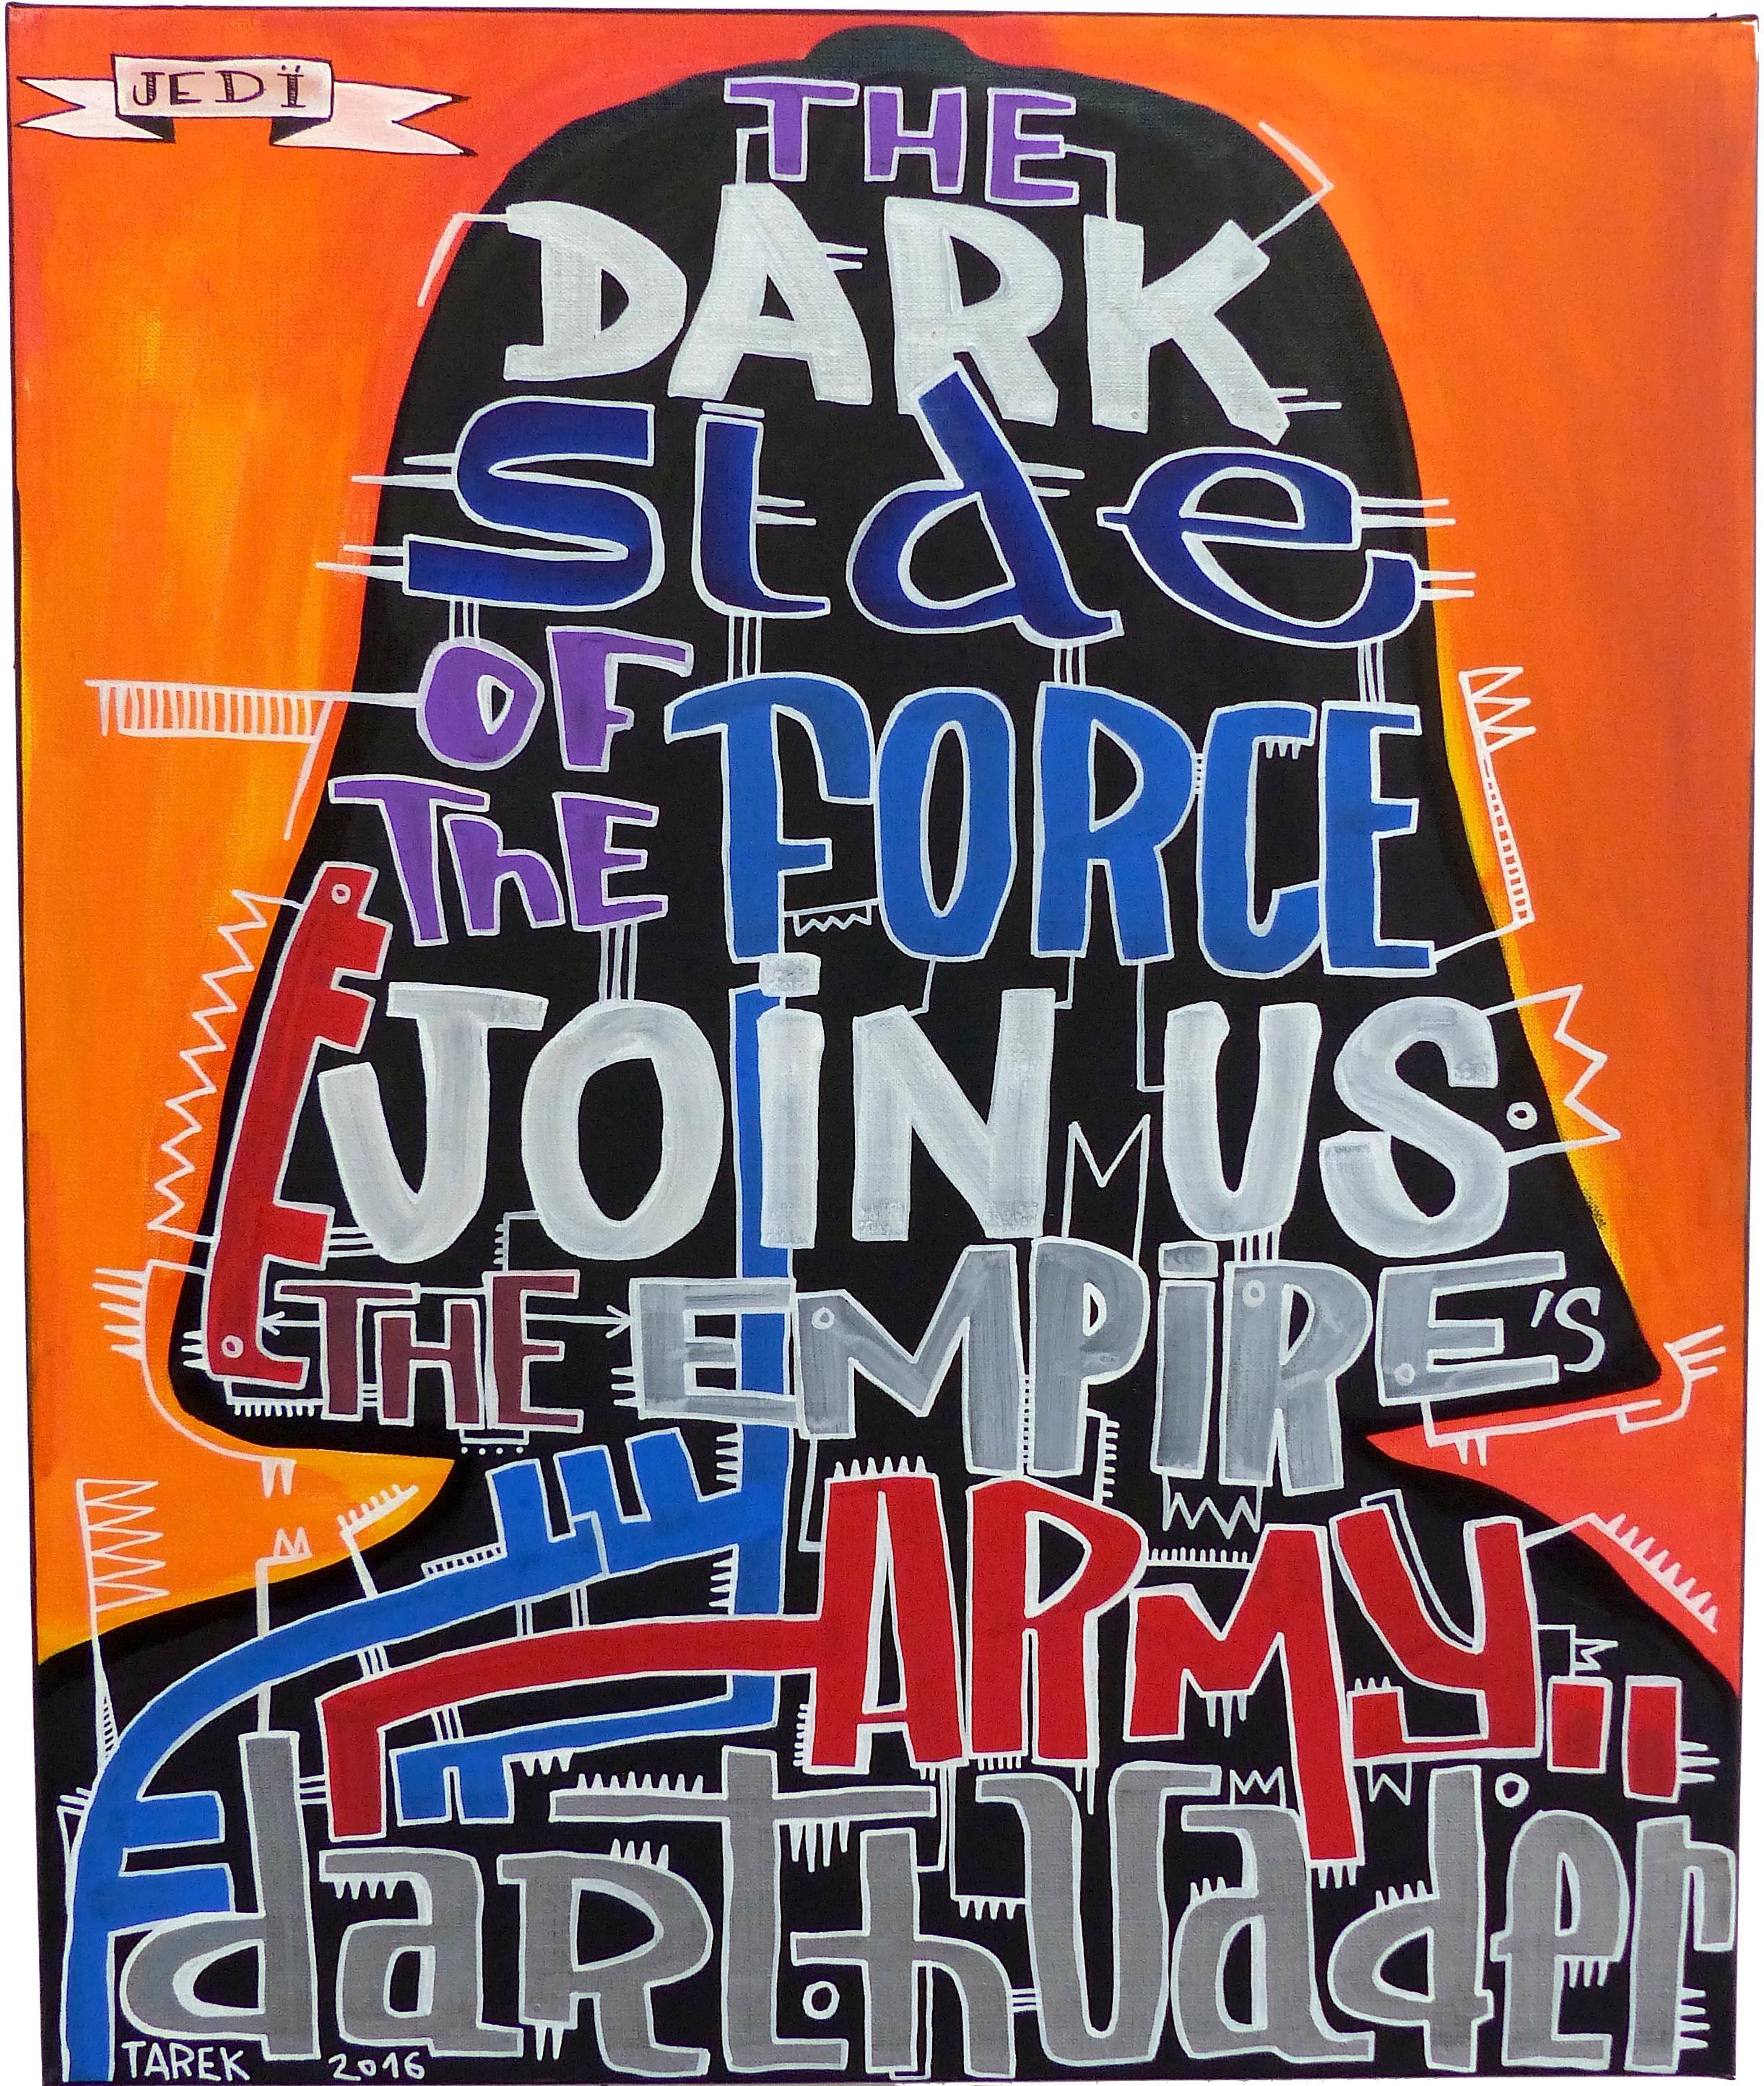 Dark Vader street art Tarek